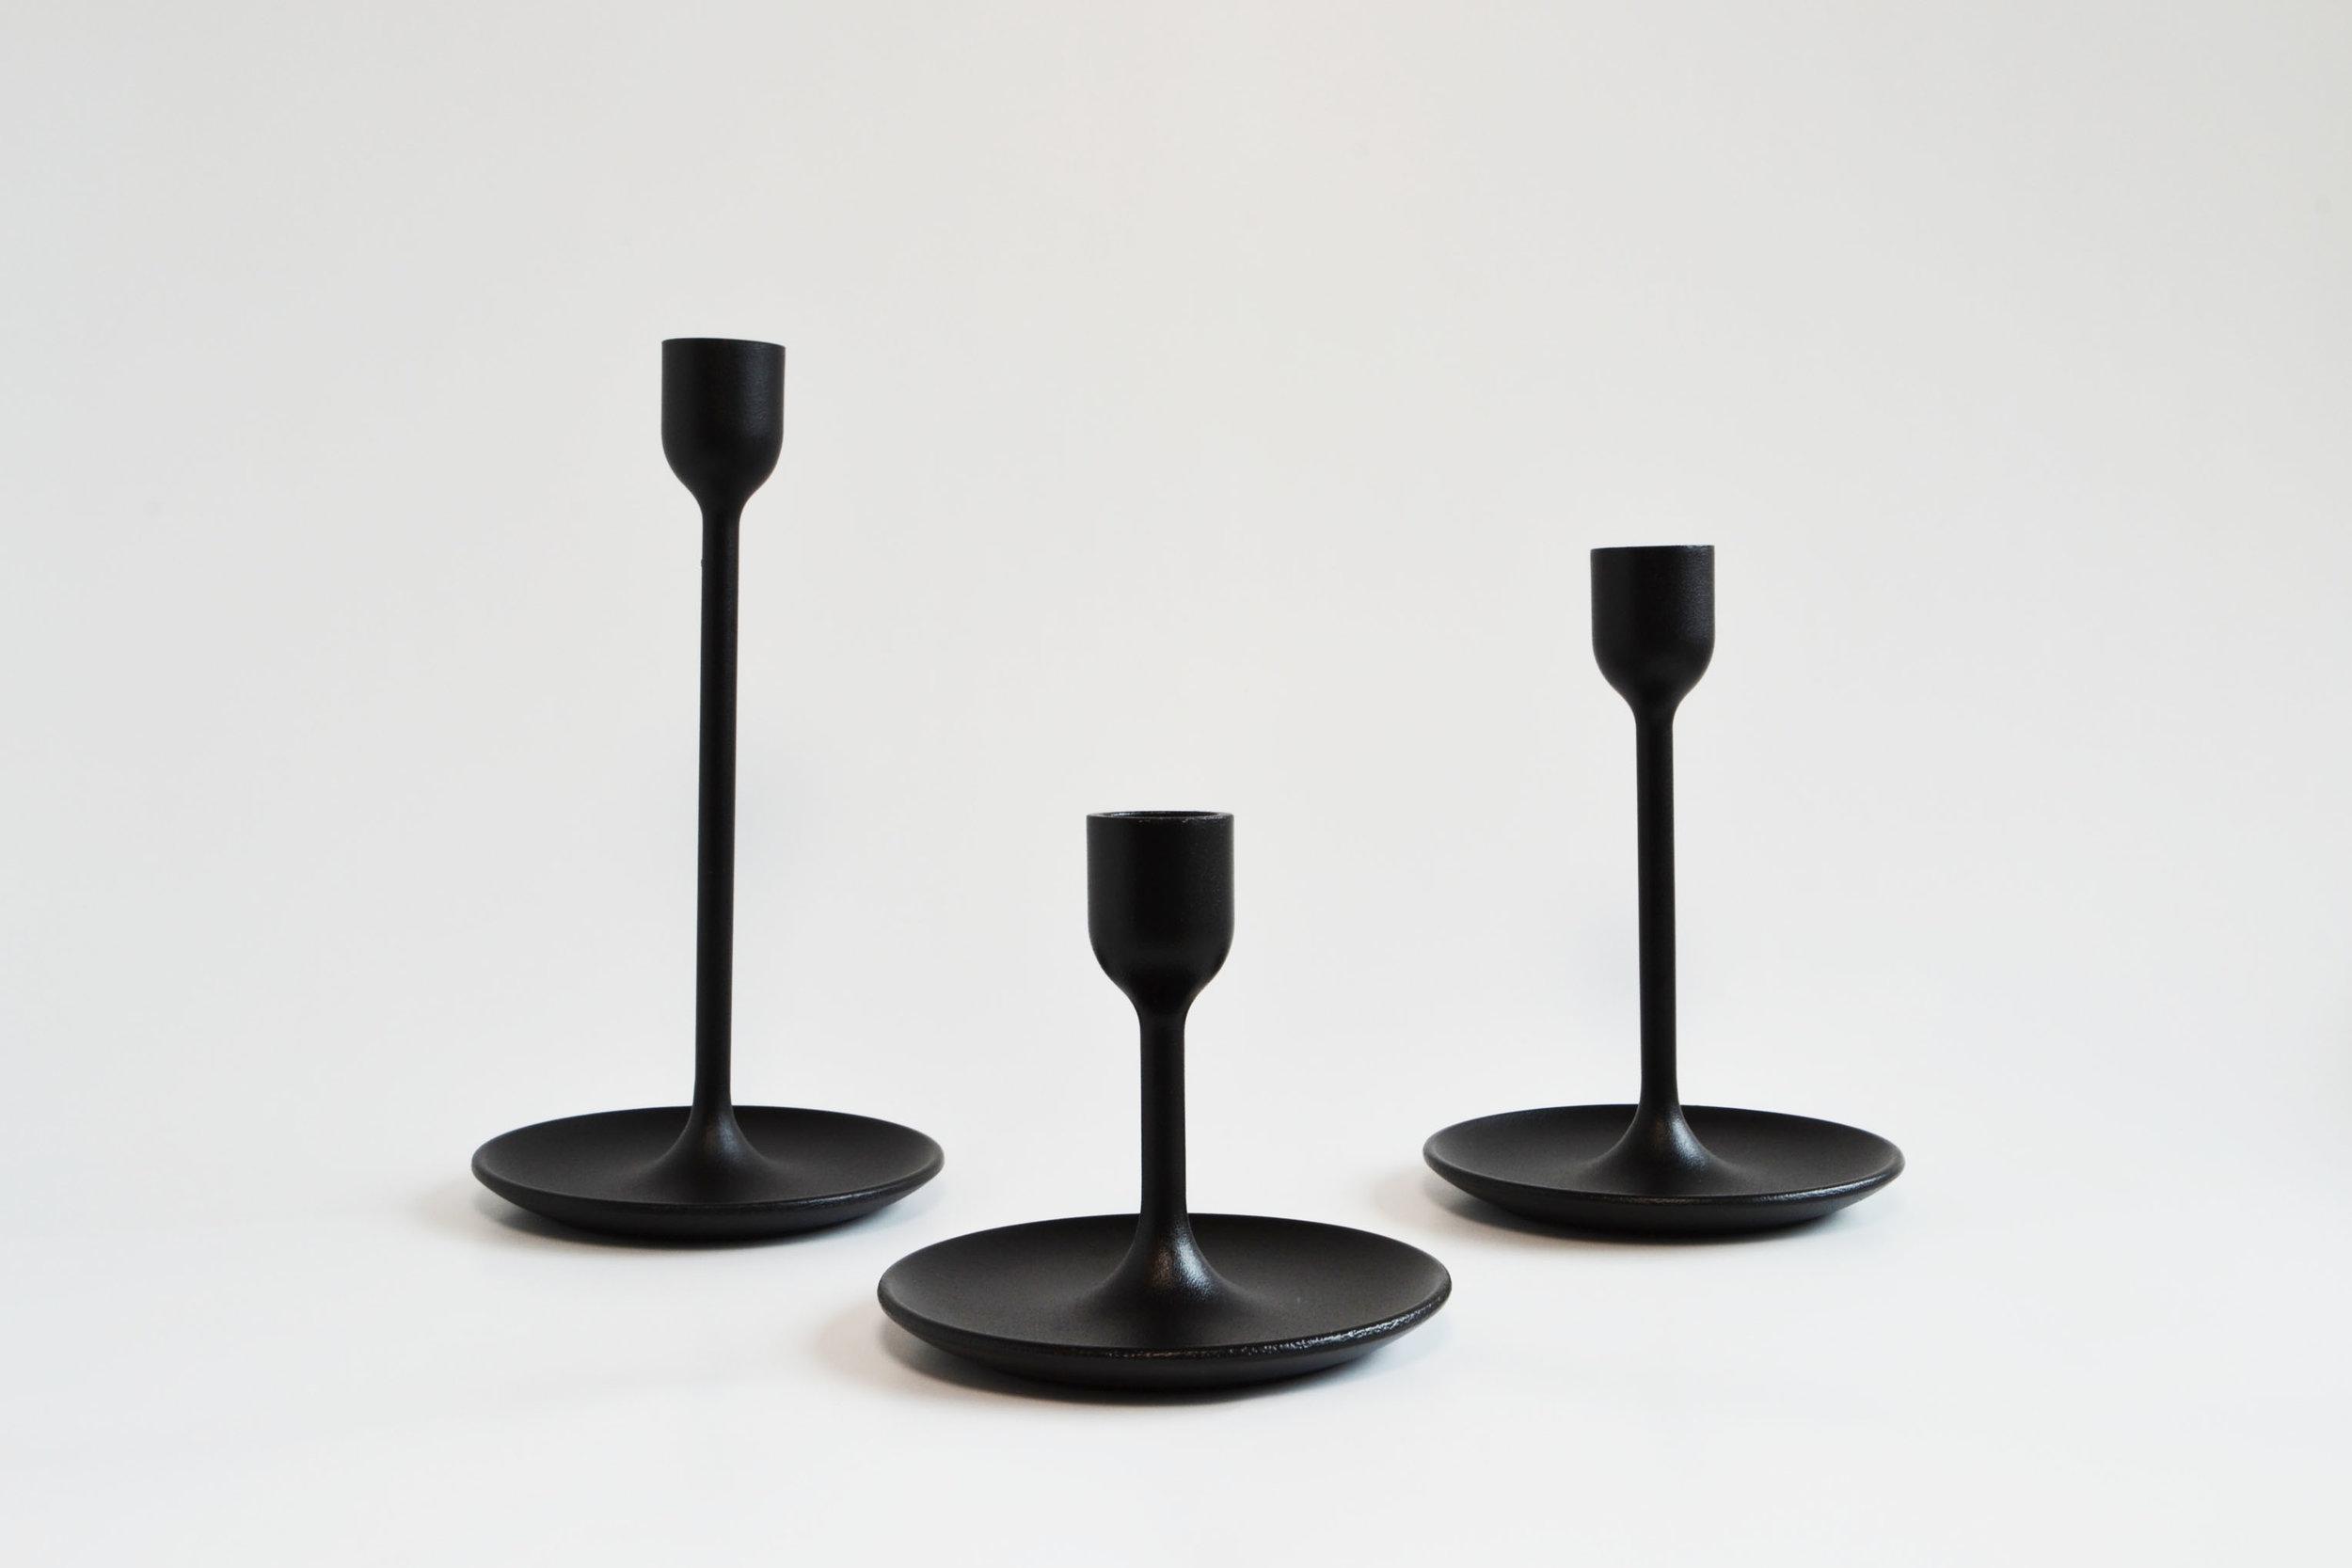 mod black candlestick trio   Quantity: 13 trios  Price: $10.50